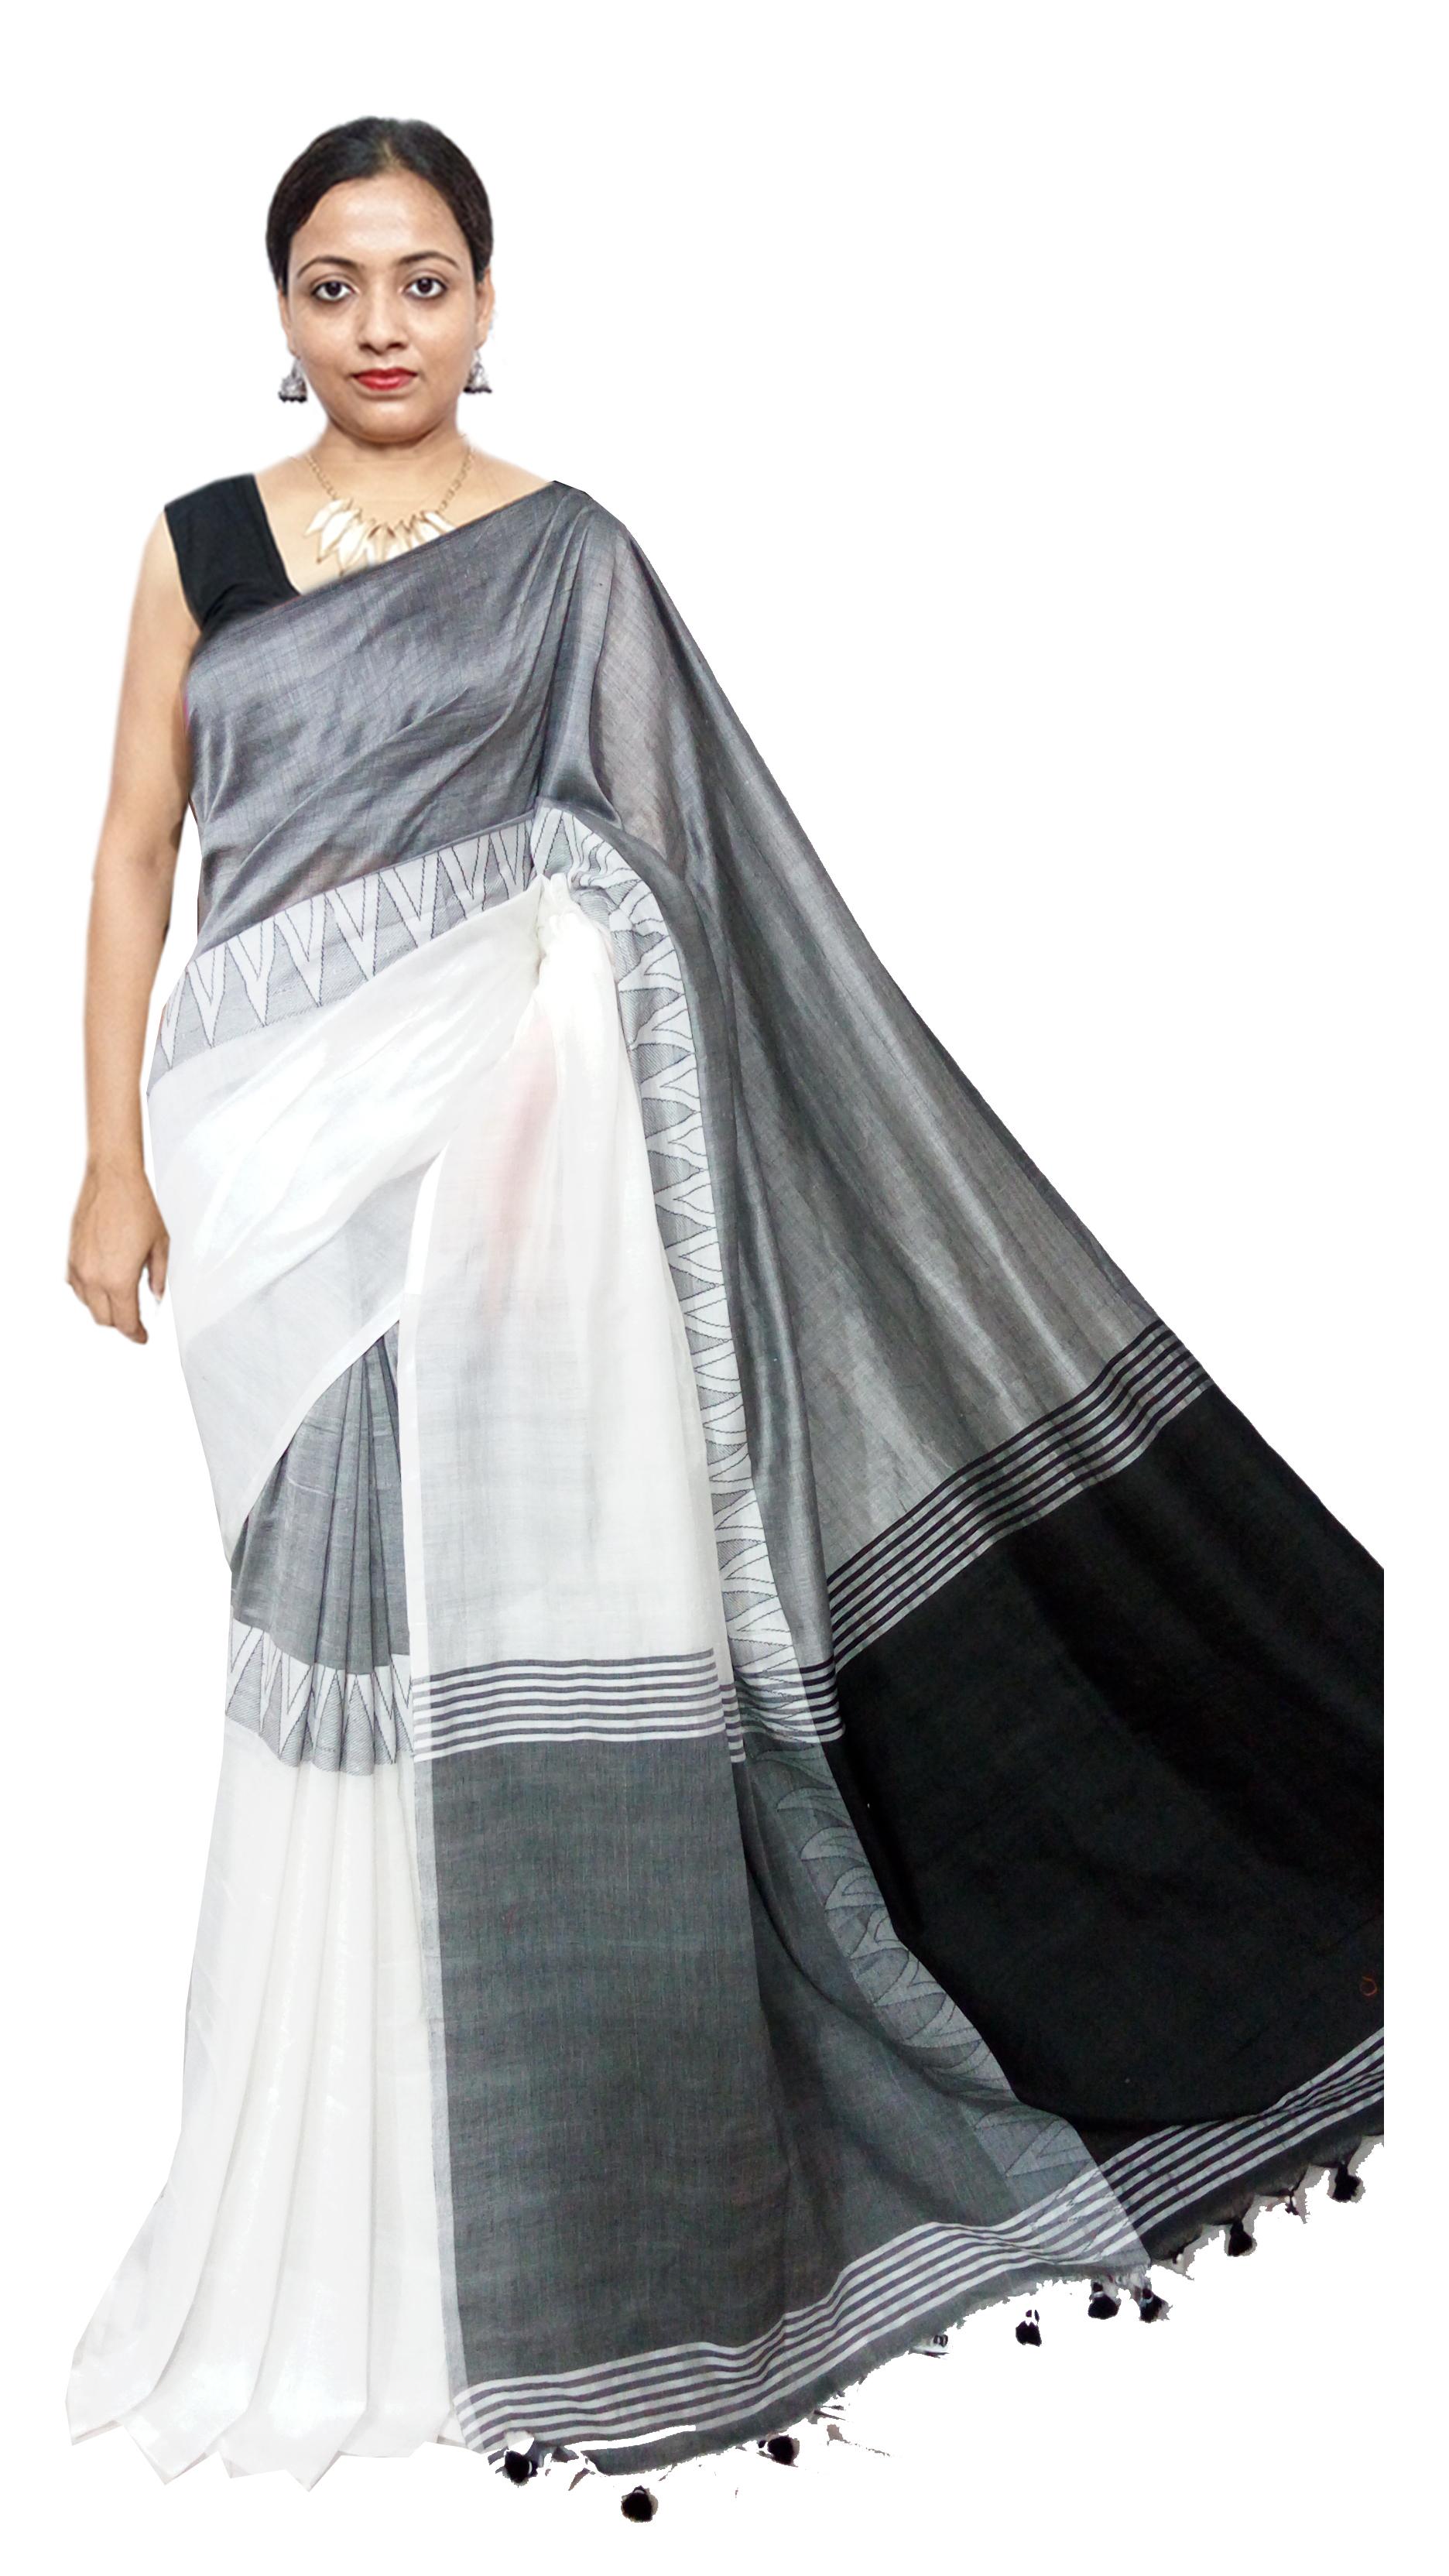 Madhyamani handloom saree